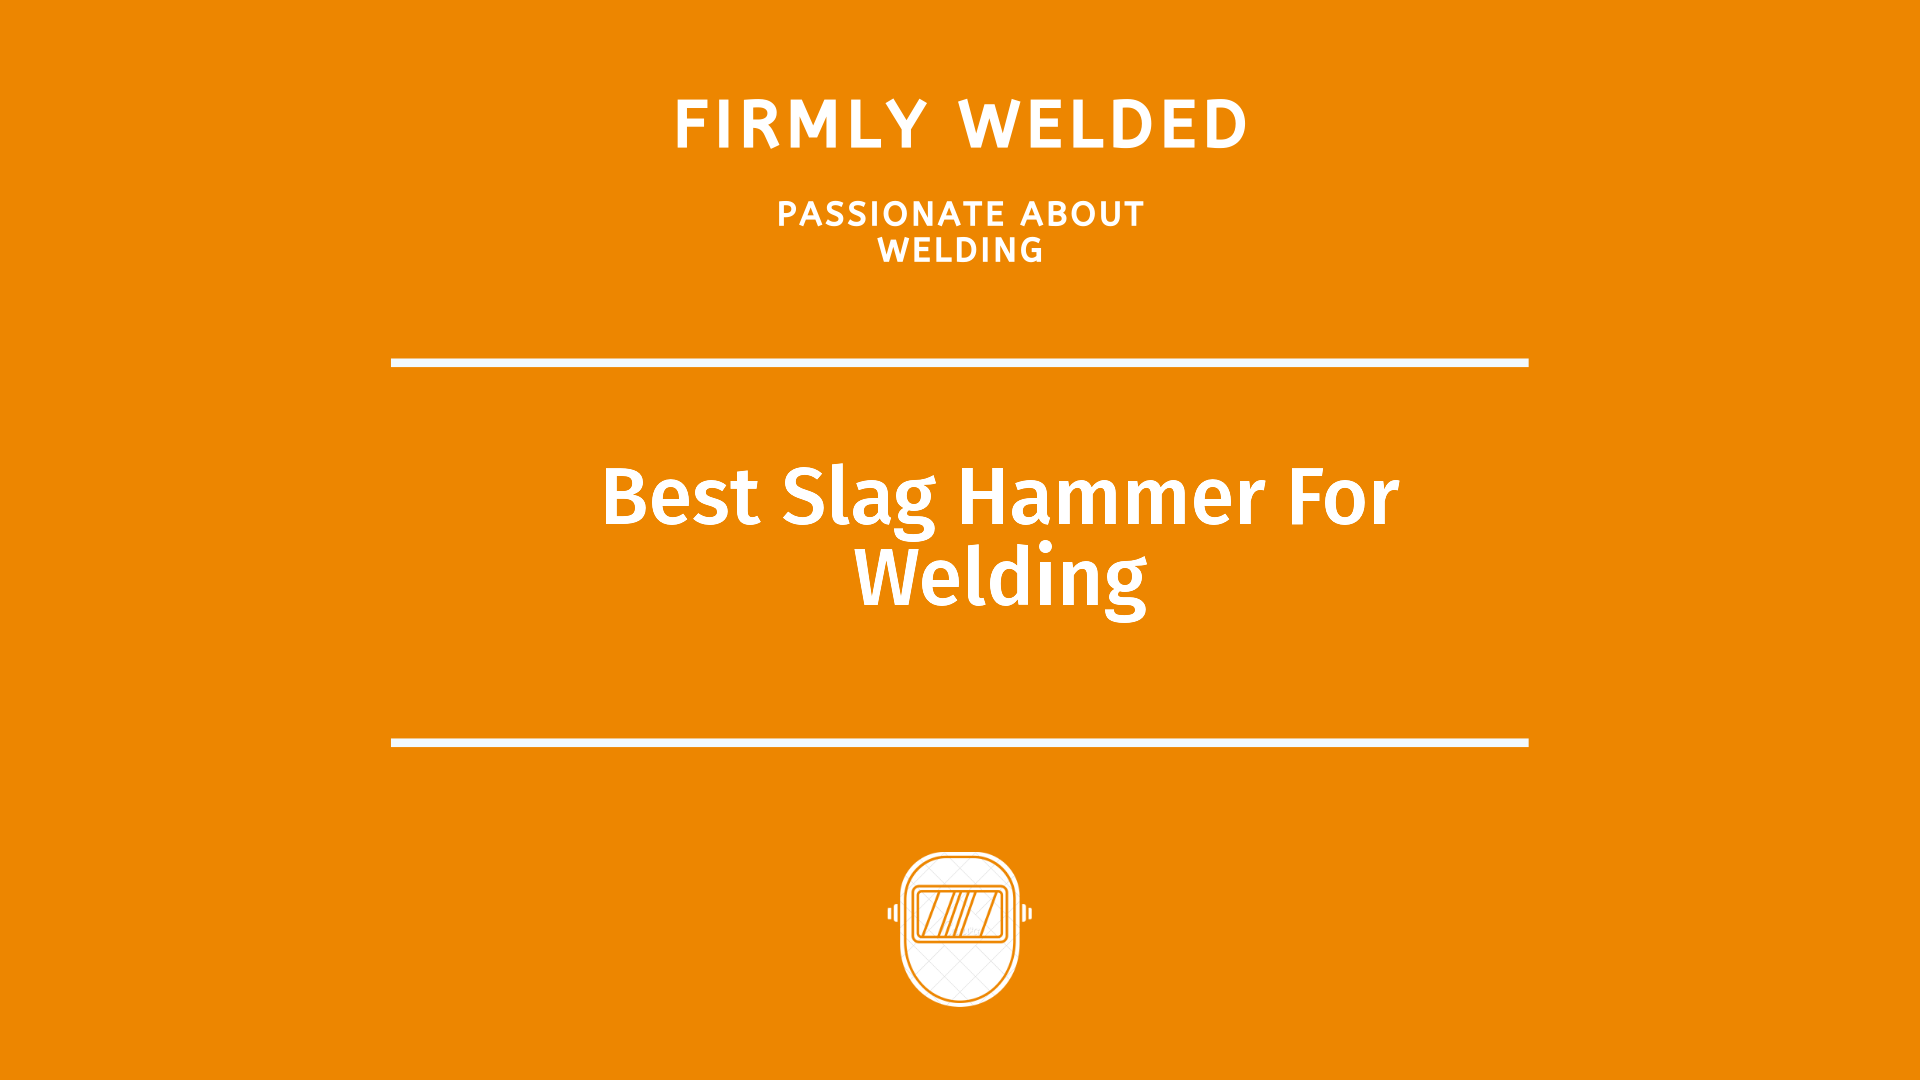 Best Slag Hammer For Welding